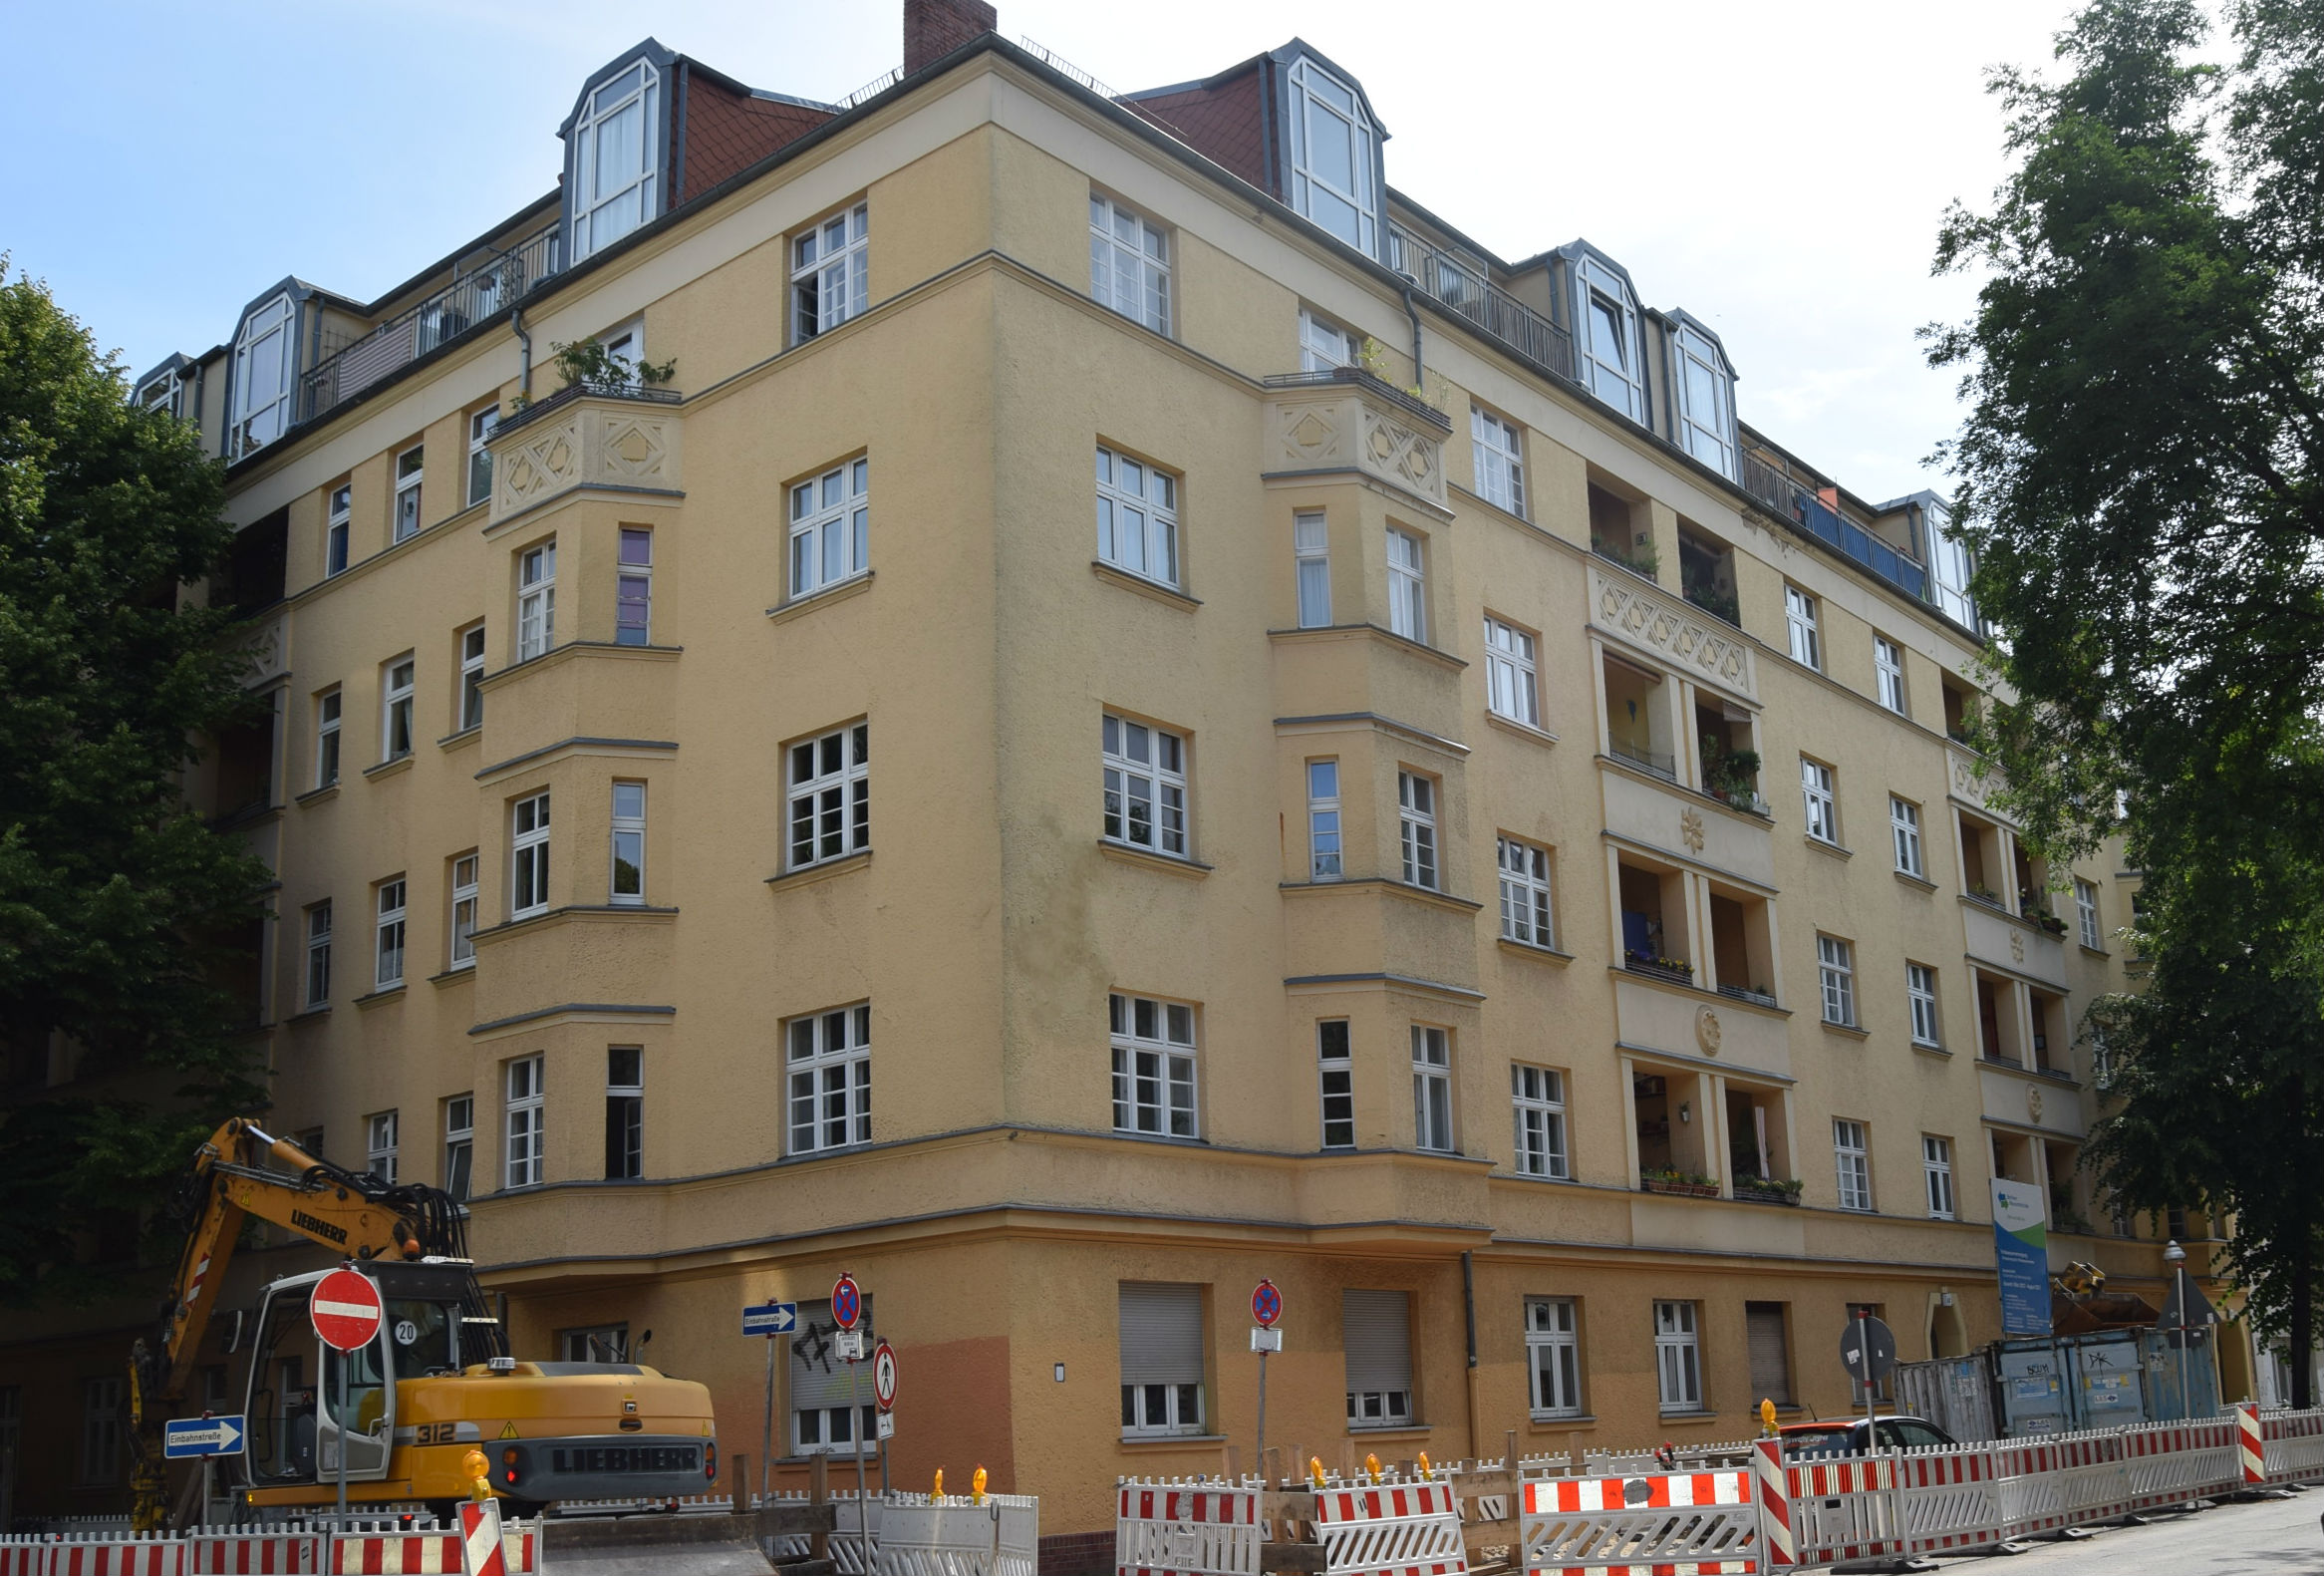 Verkauf einer vermieteten Eigentumswohnung in Berlin-Neukölln